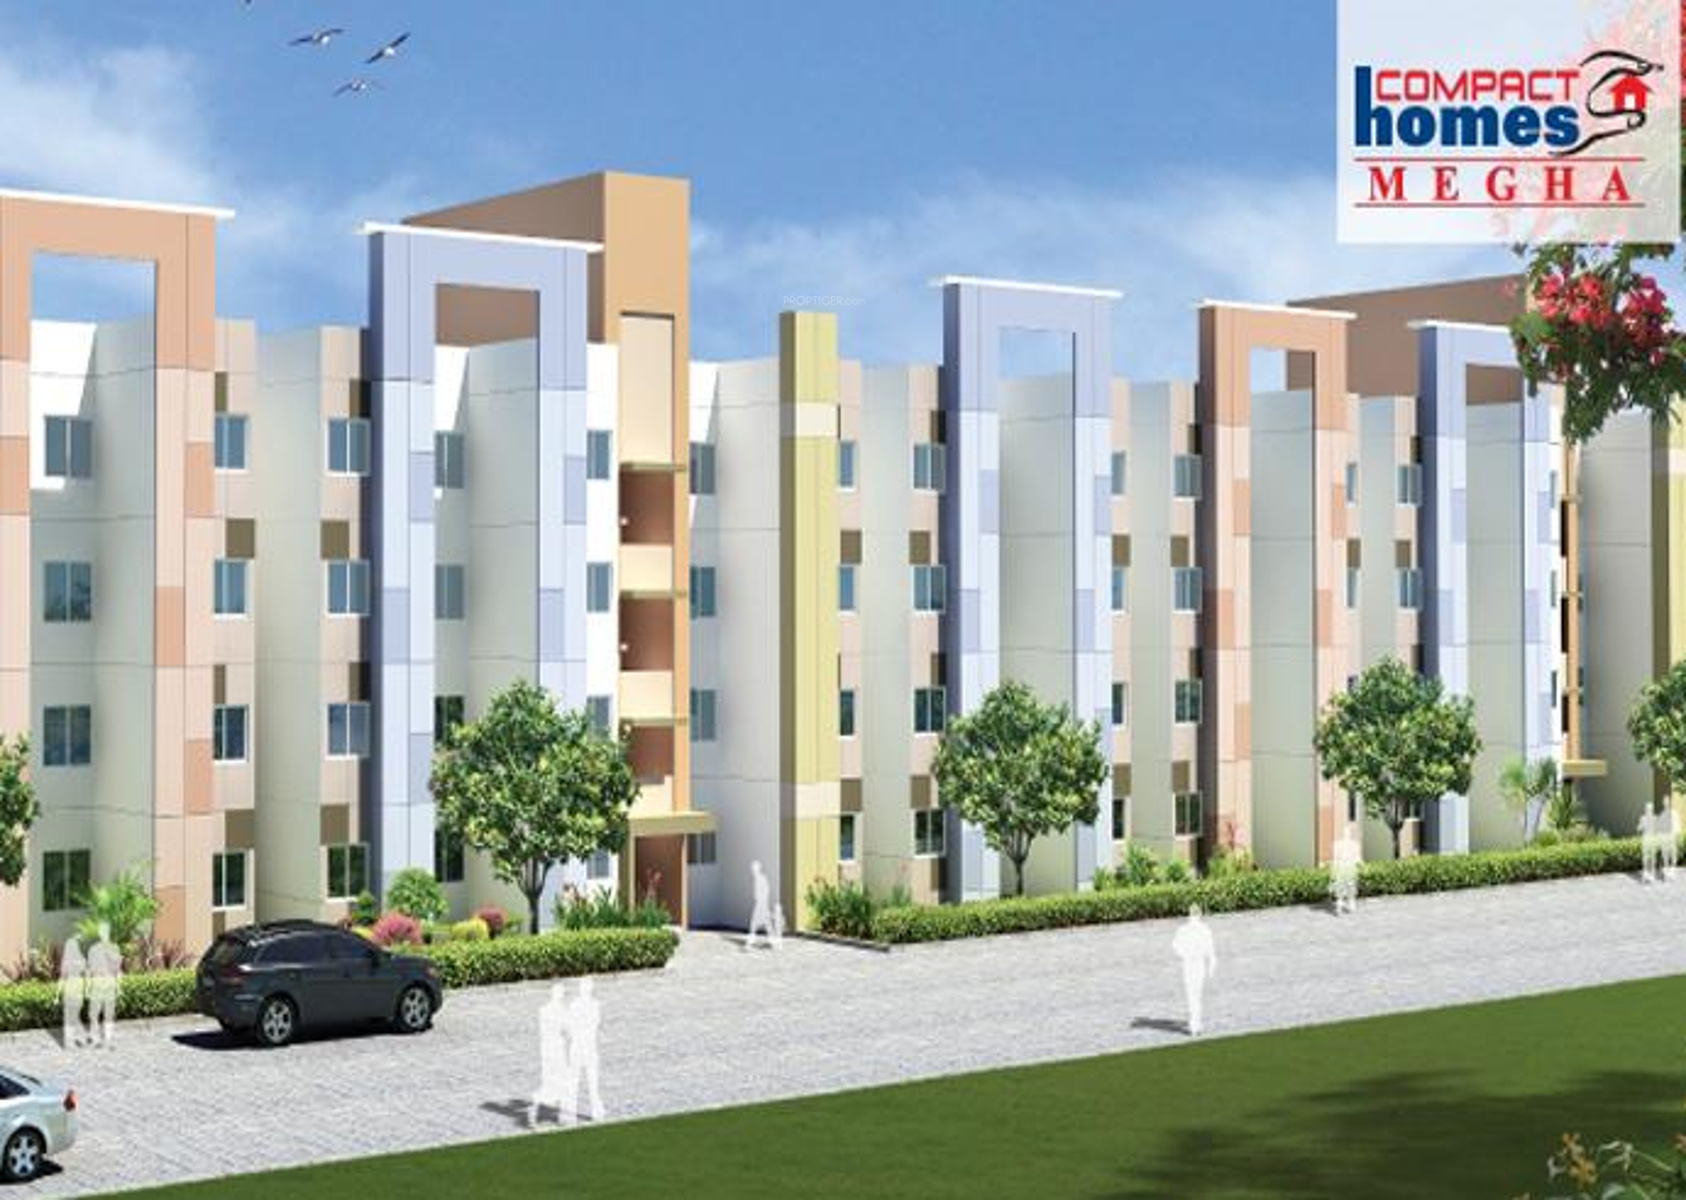 Payment plan image of arun excello megha oragadam chennai - Compact homes chennai ...